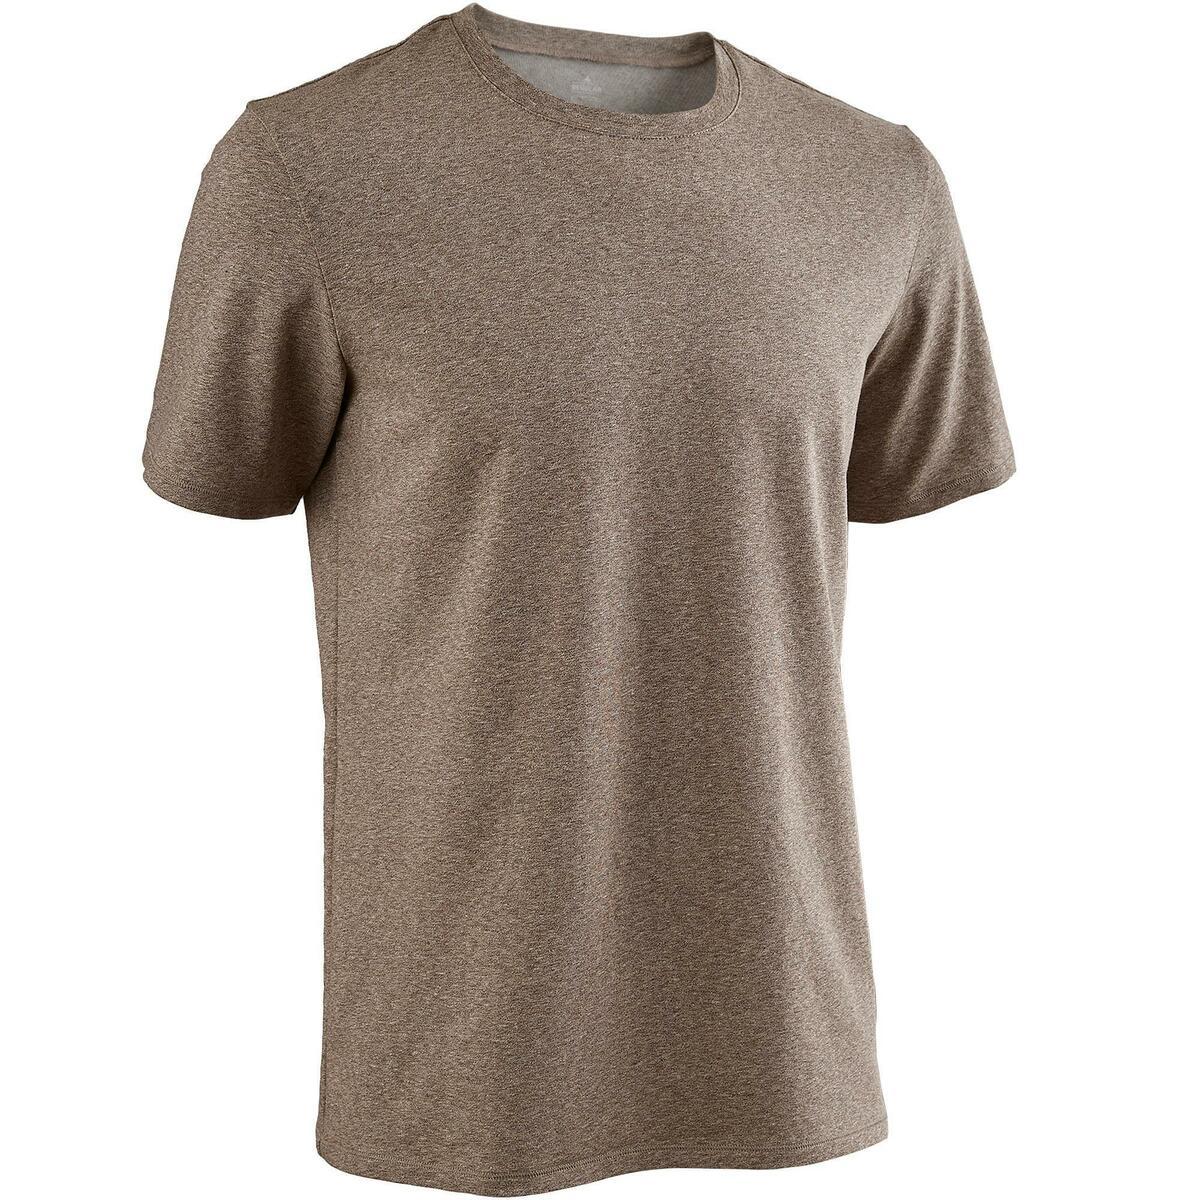 Bild 1 von T-Shirt 500 Regular Gym & Pilates Herren braun meliert